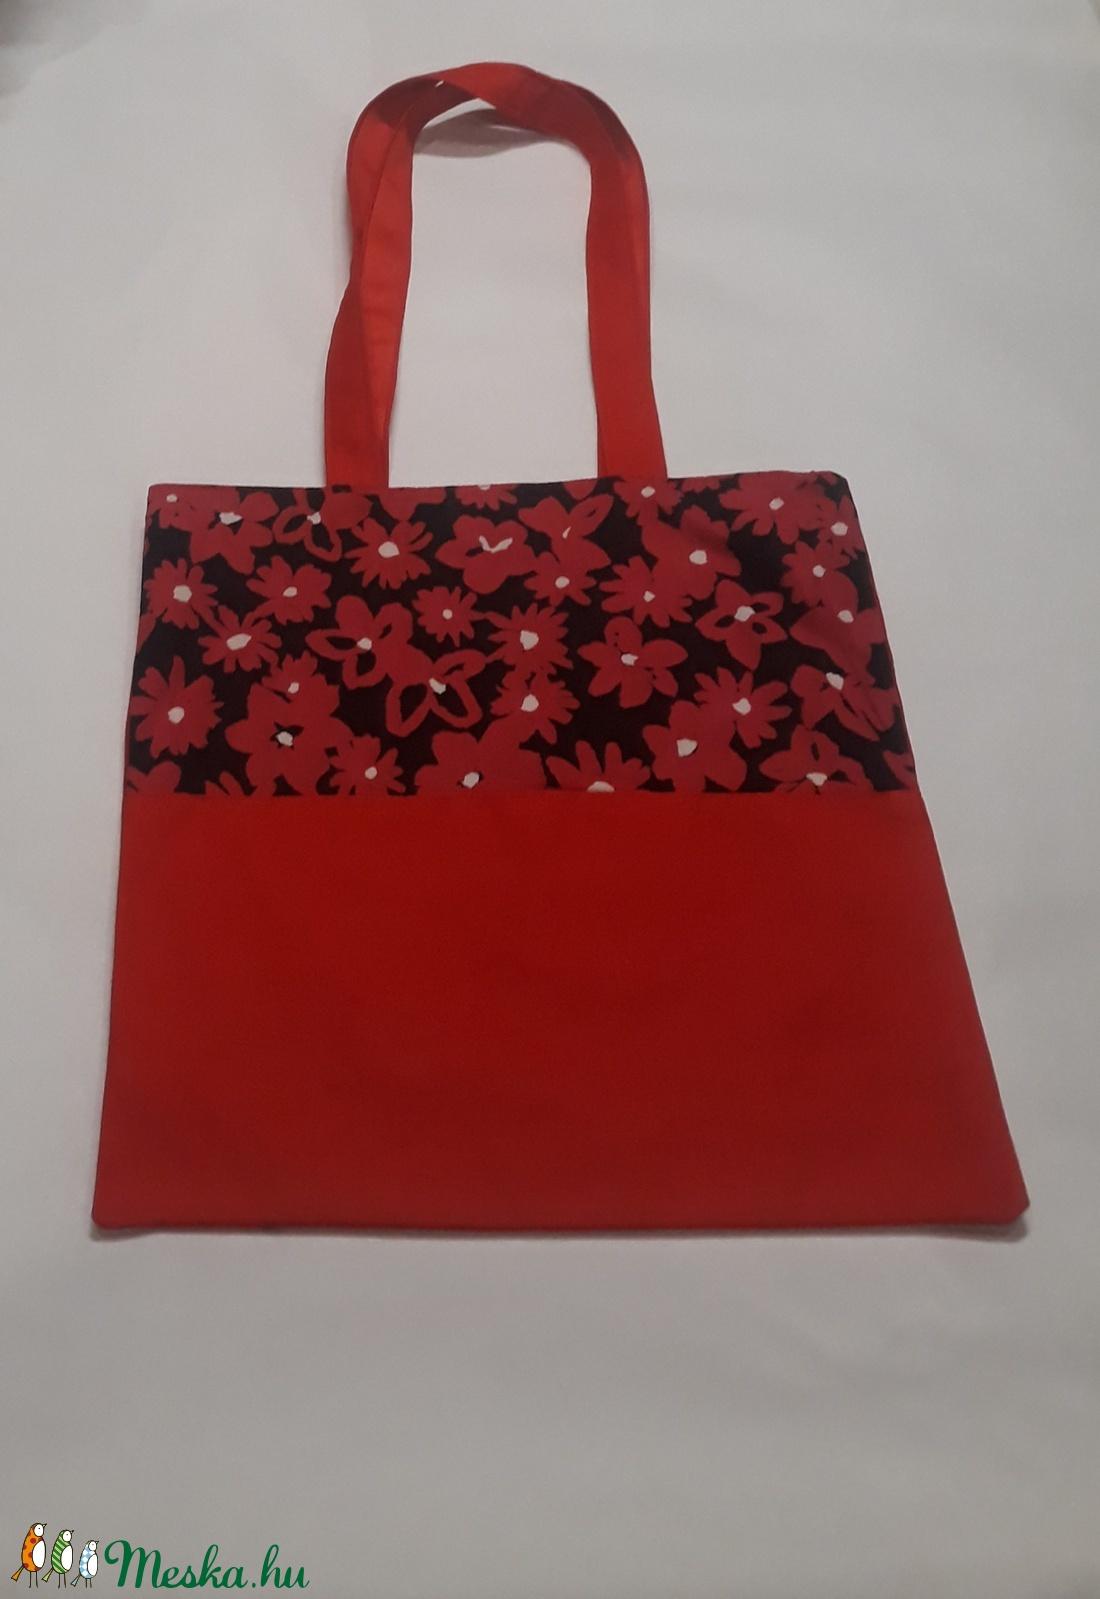 Piros virágos táska (GavrisBag) - Meska.hu